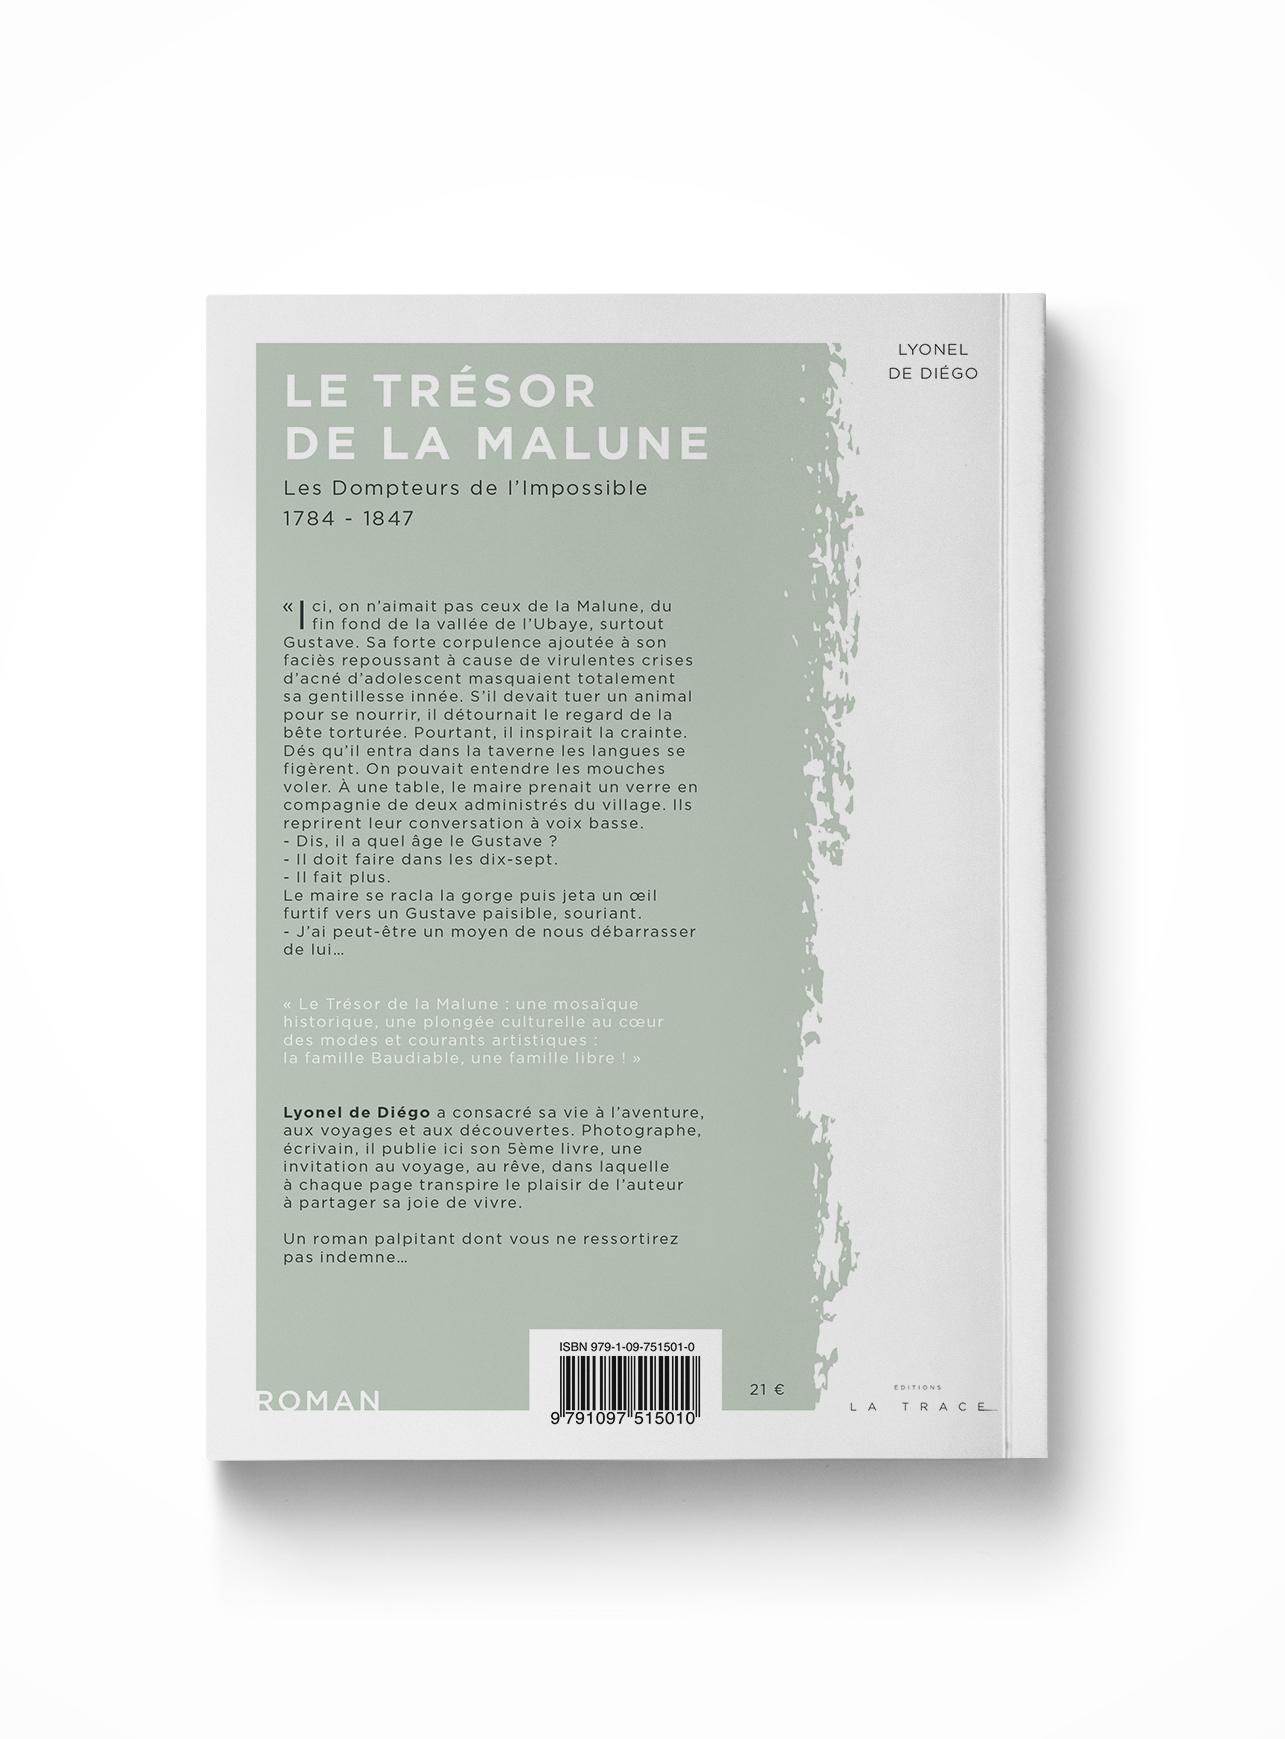 LE TRESOR DE LA MALUNE : TOME 1 LES DOMPTEURS DE L'IMPOSSIBLE